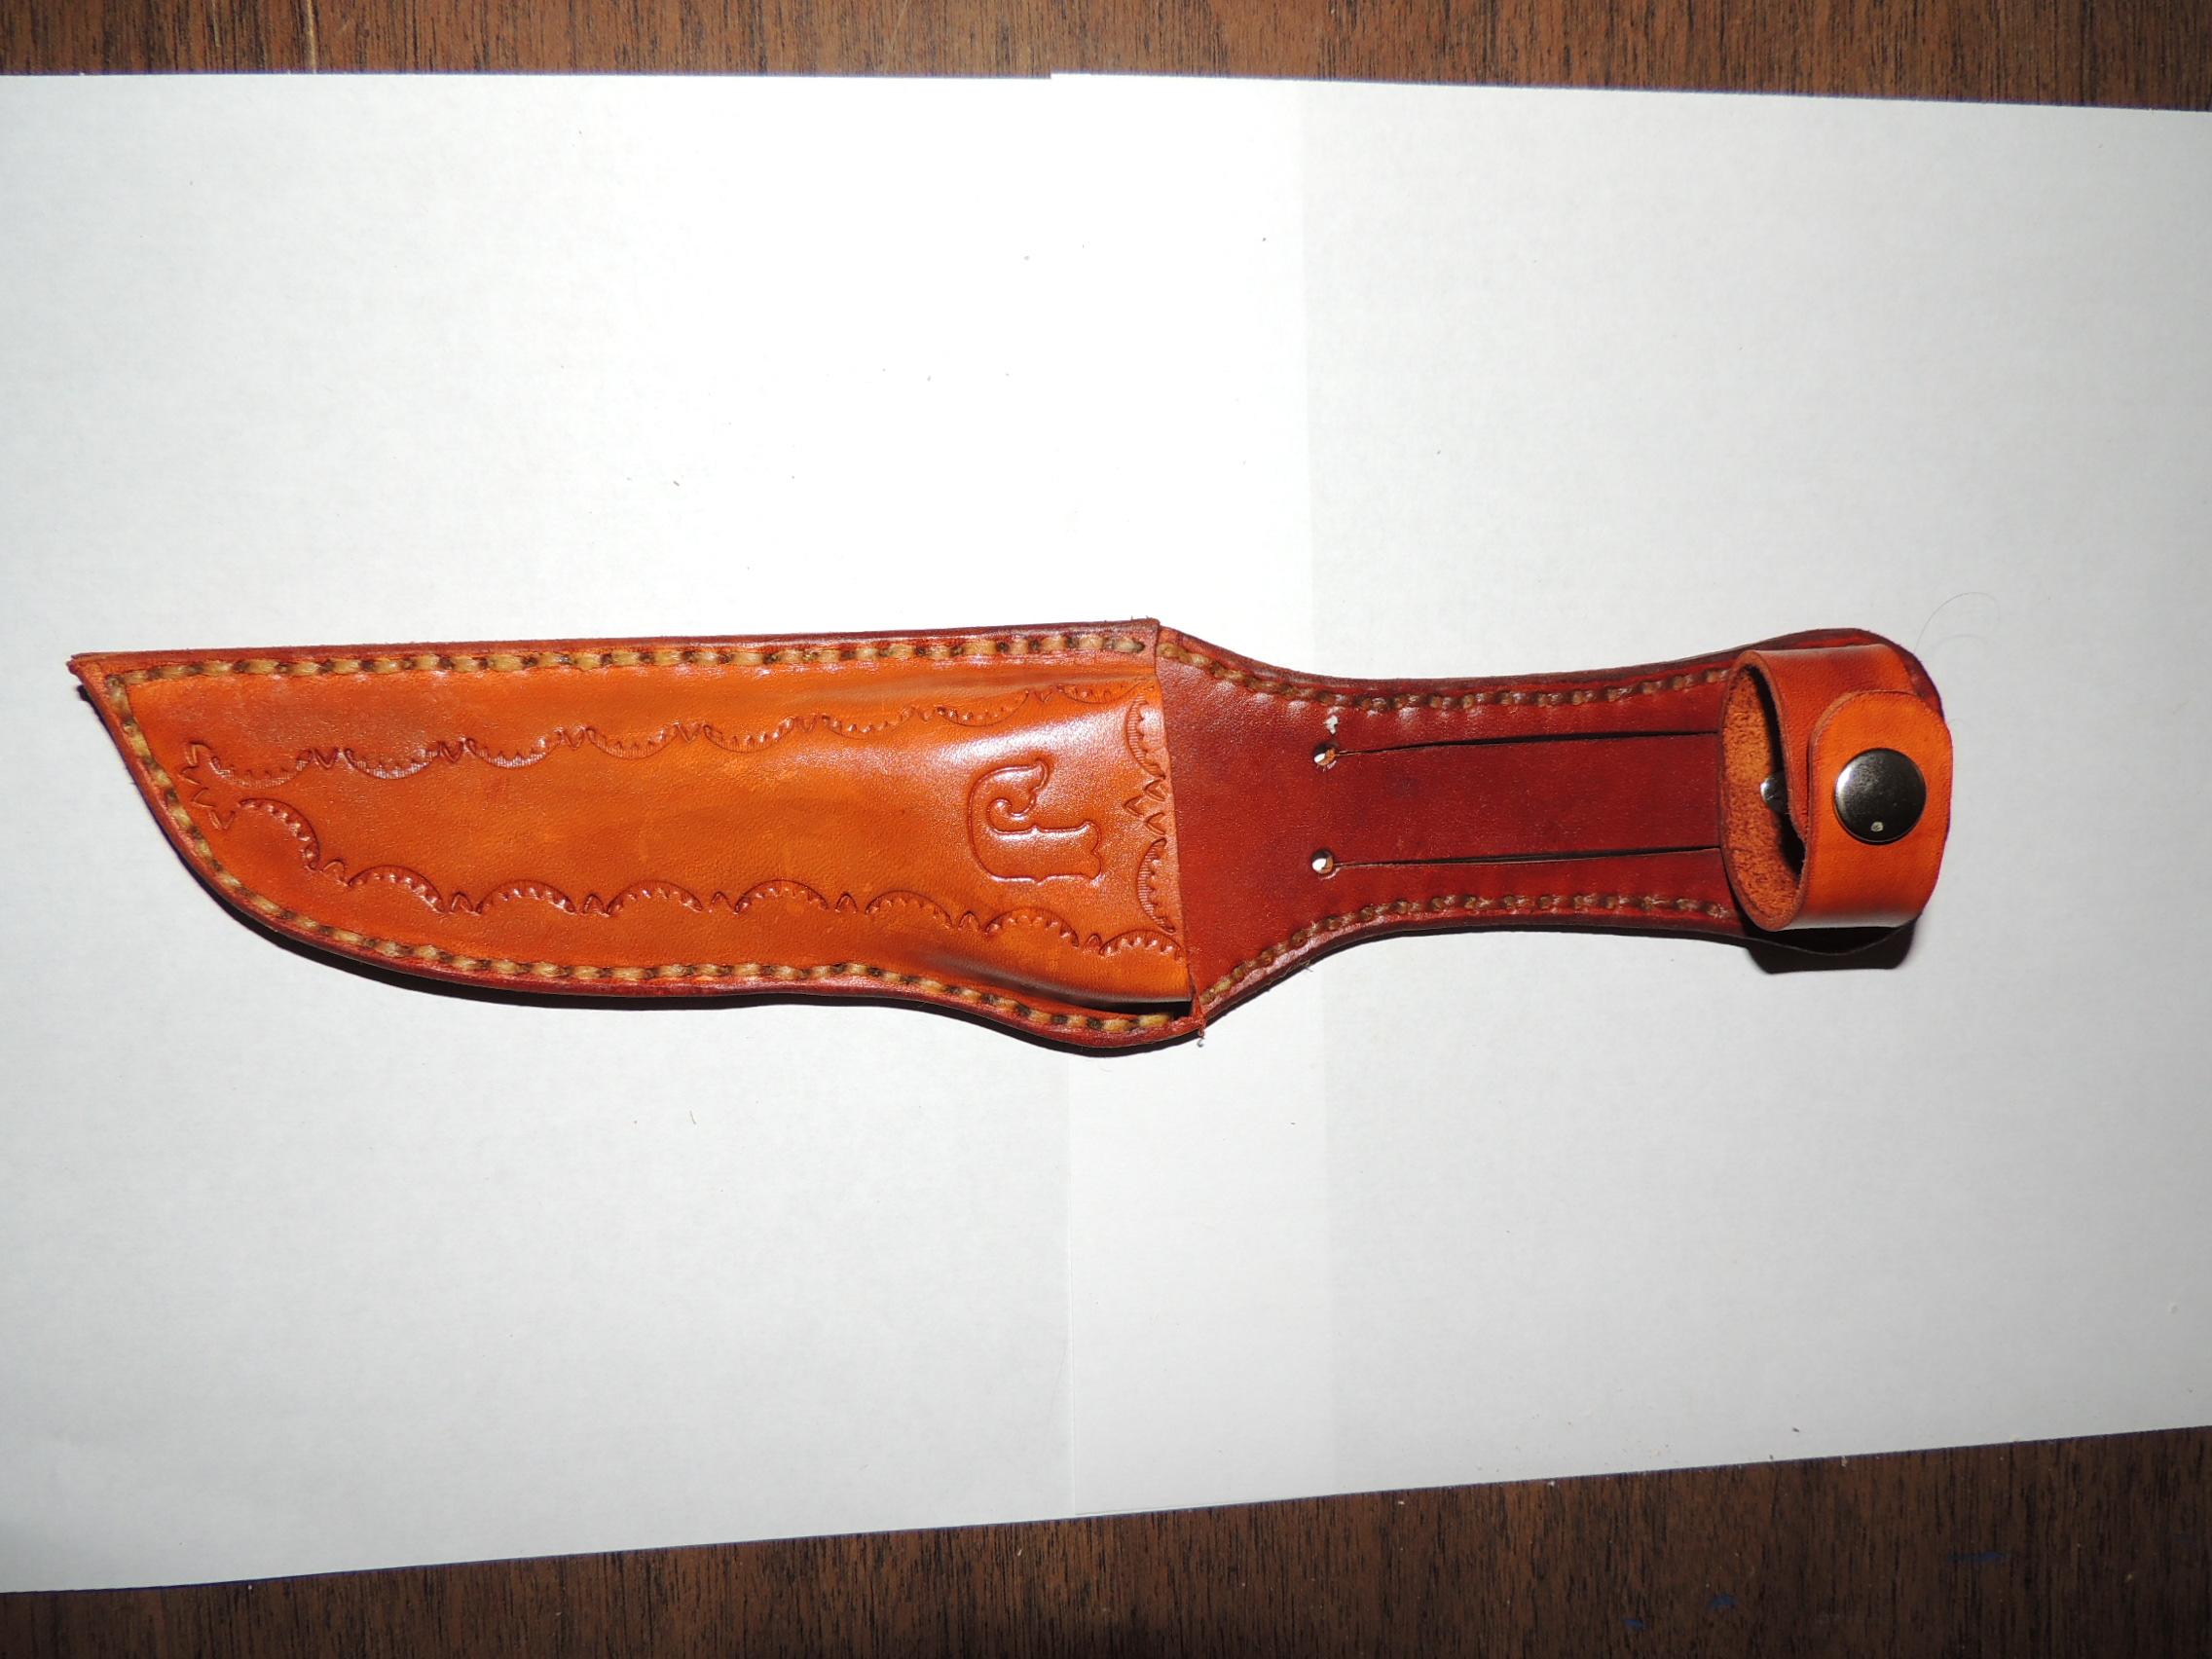 Joe's knife holster 001